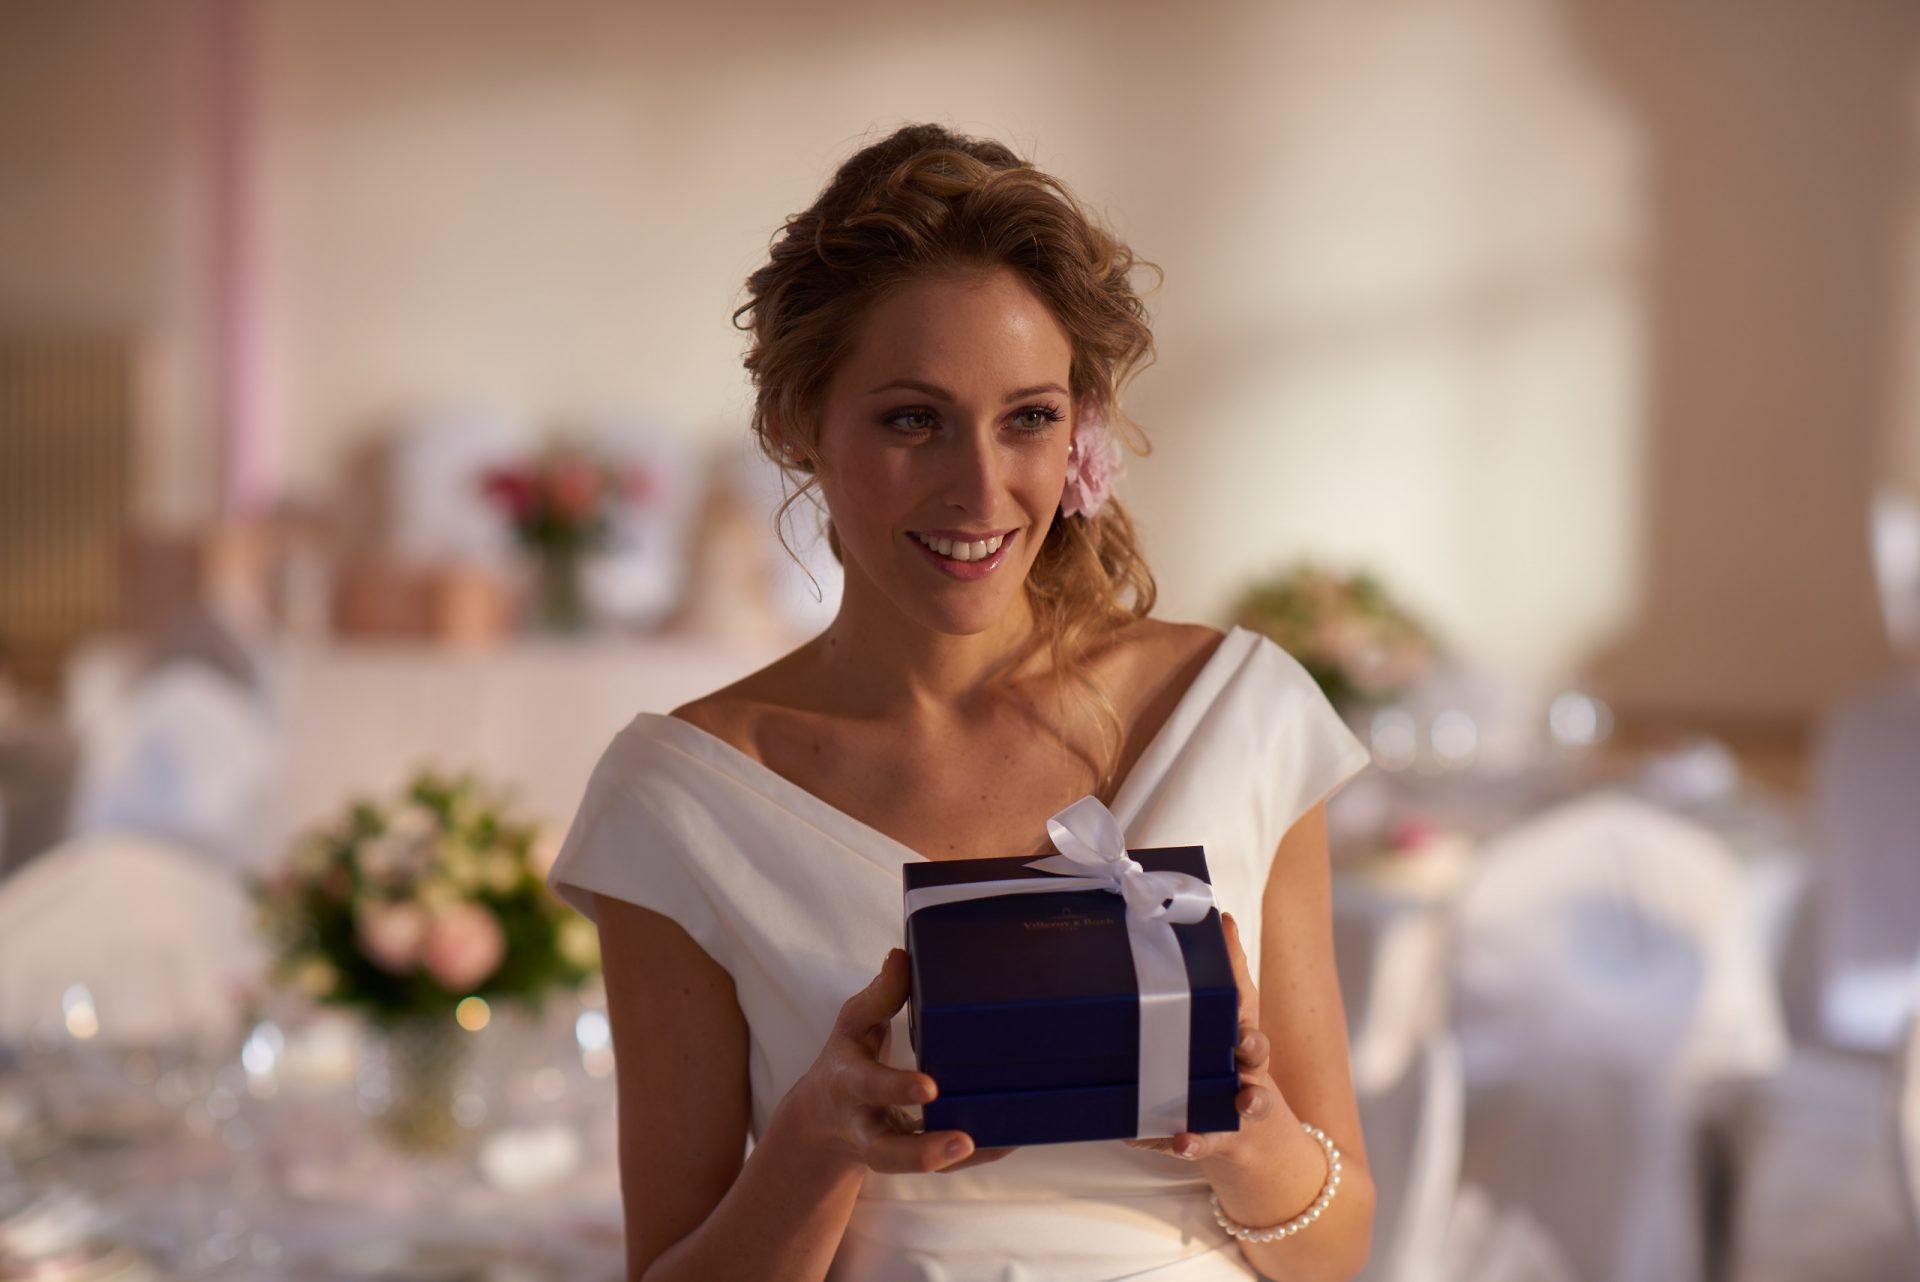 רשימת חתונה לזוגות מתחתנים